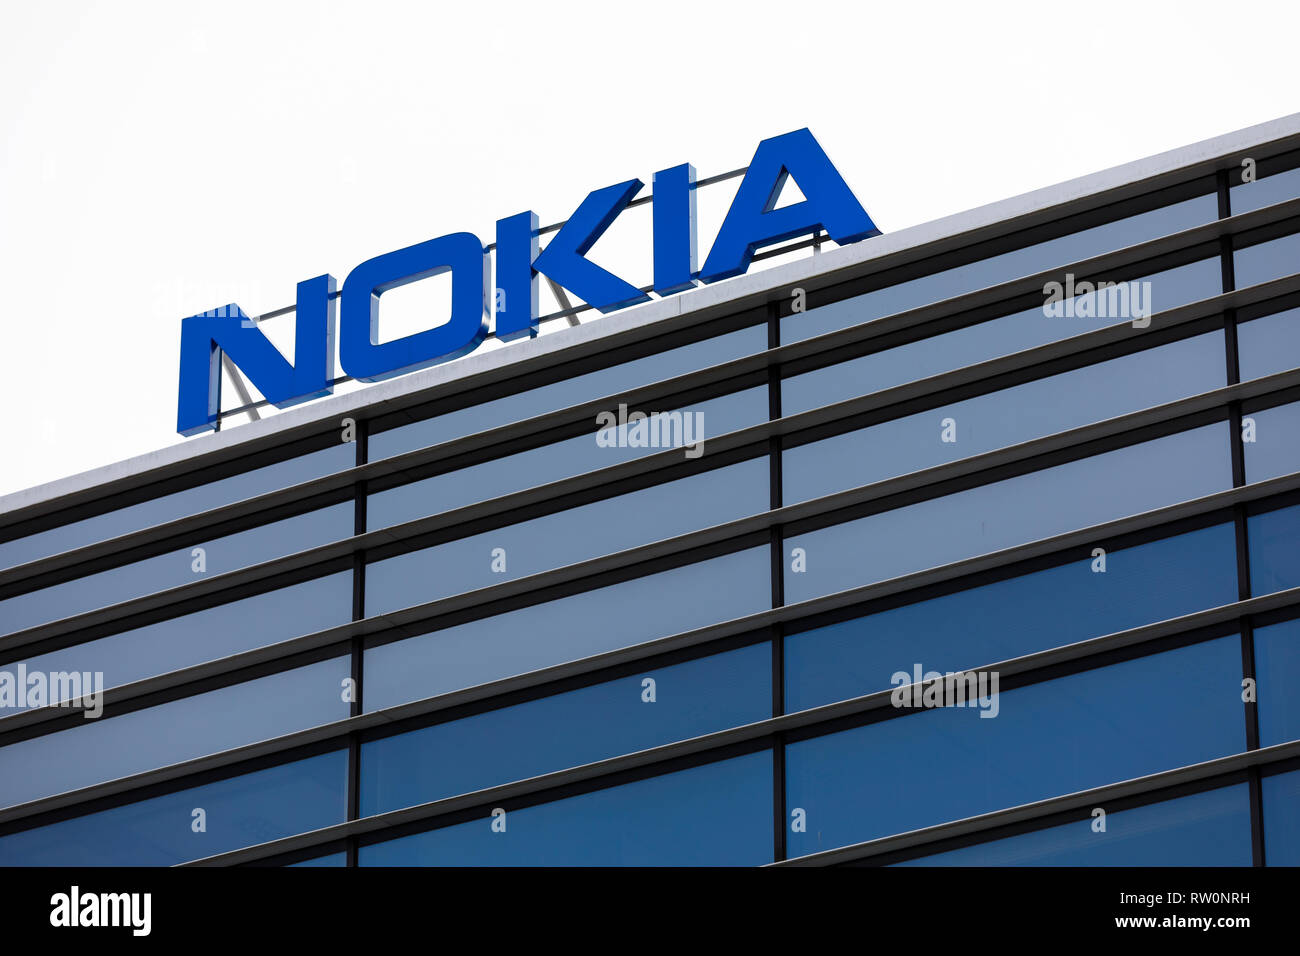 ESPOO, Finlandia - 03 Marzo 2019: Grande Nokia marca nome sulla parte superiore di un edificio per uffici in Nokia Campus in Espoo, Finlandia Immagini Stock